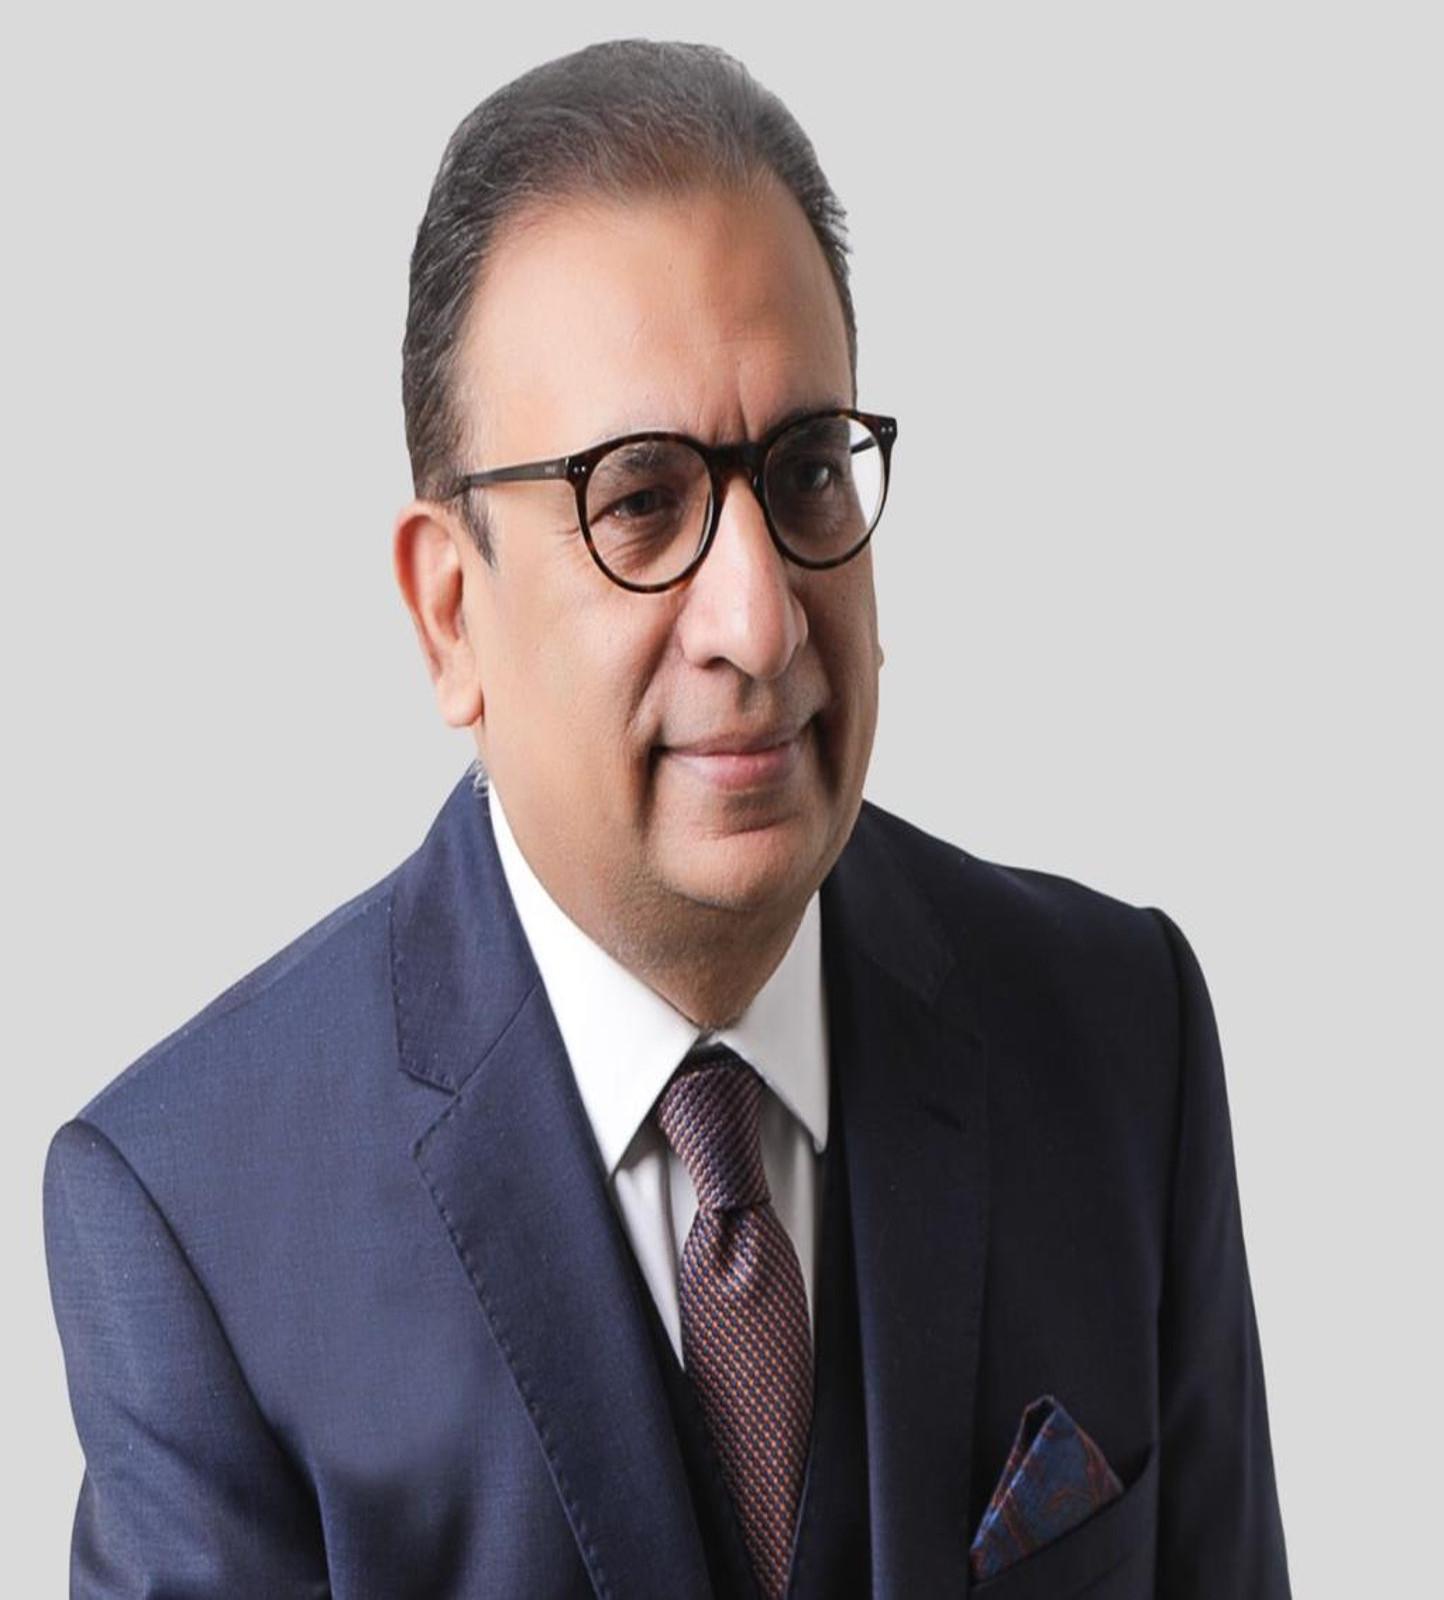 Professor Javed Ahmad